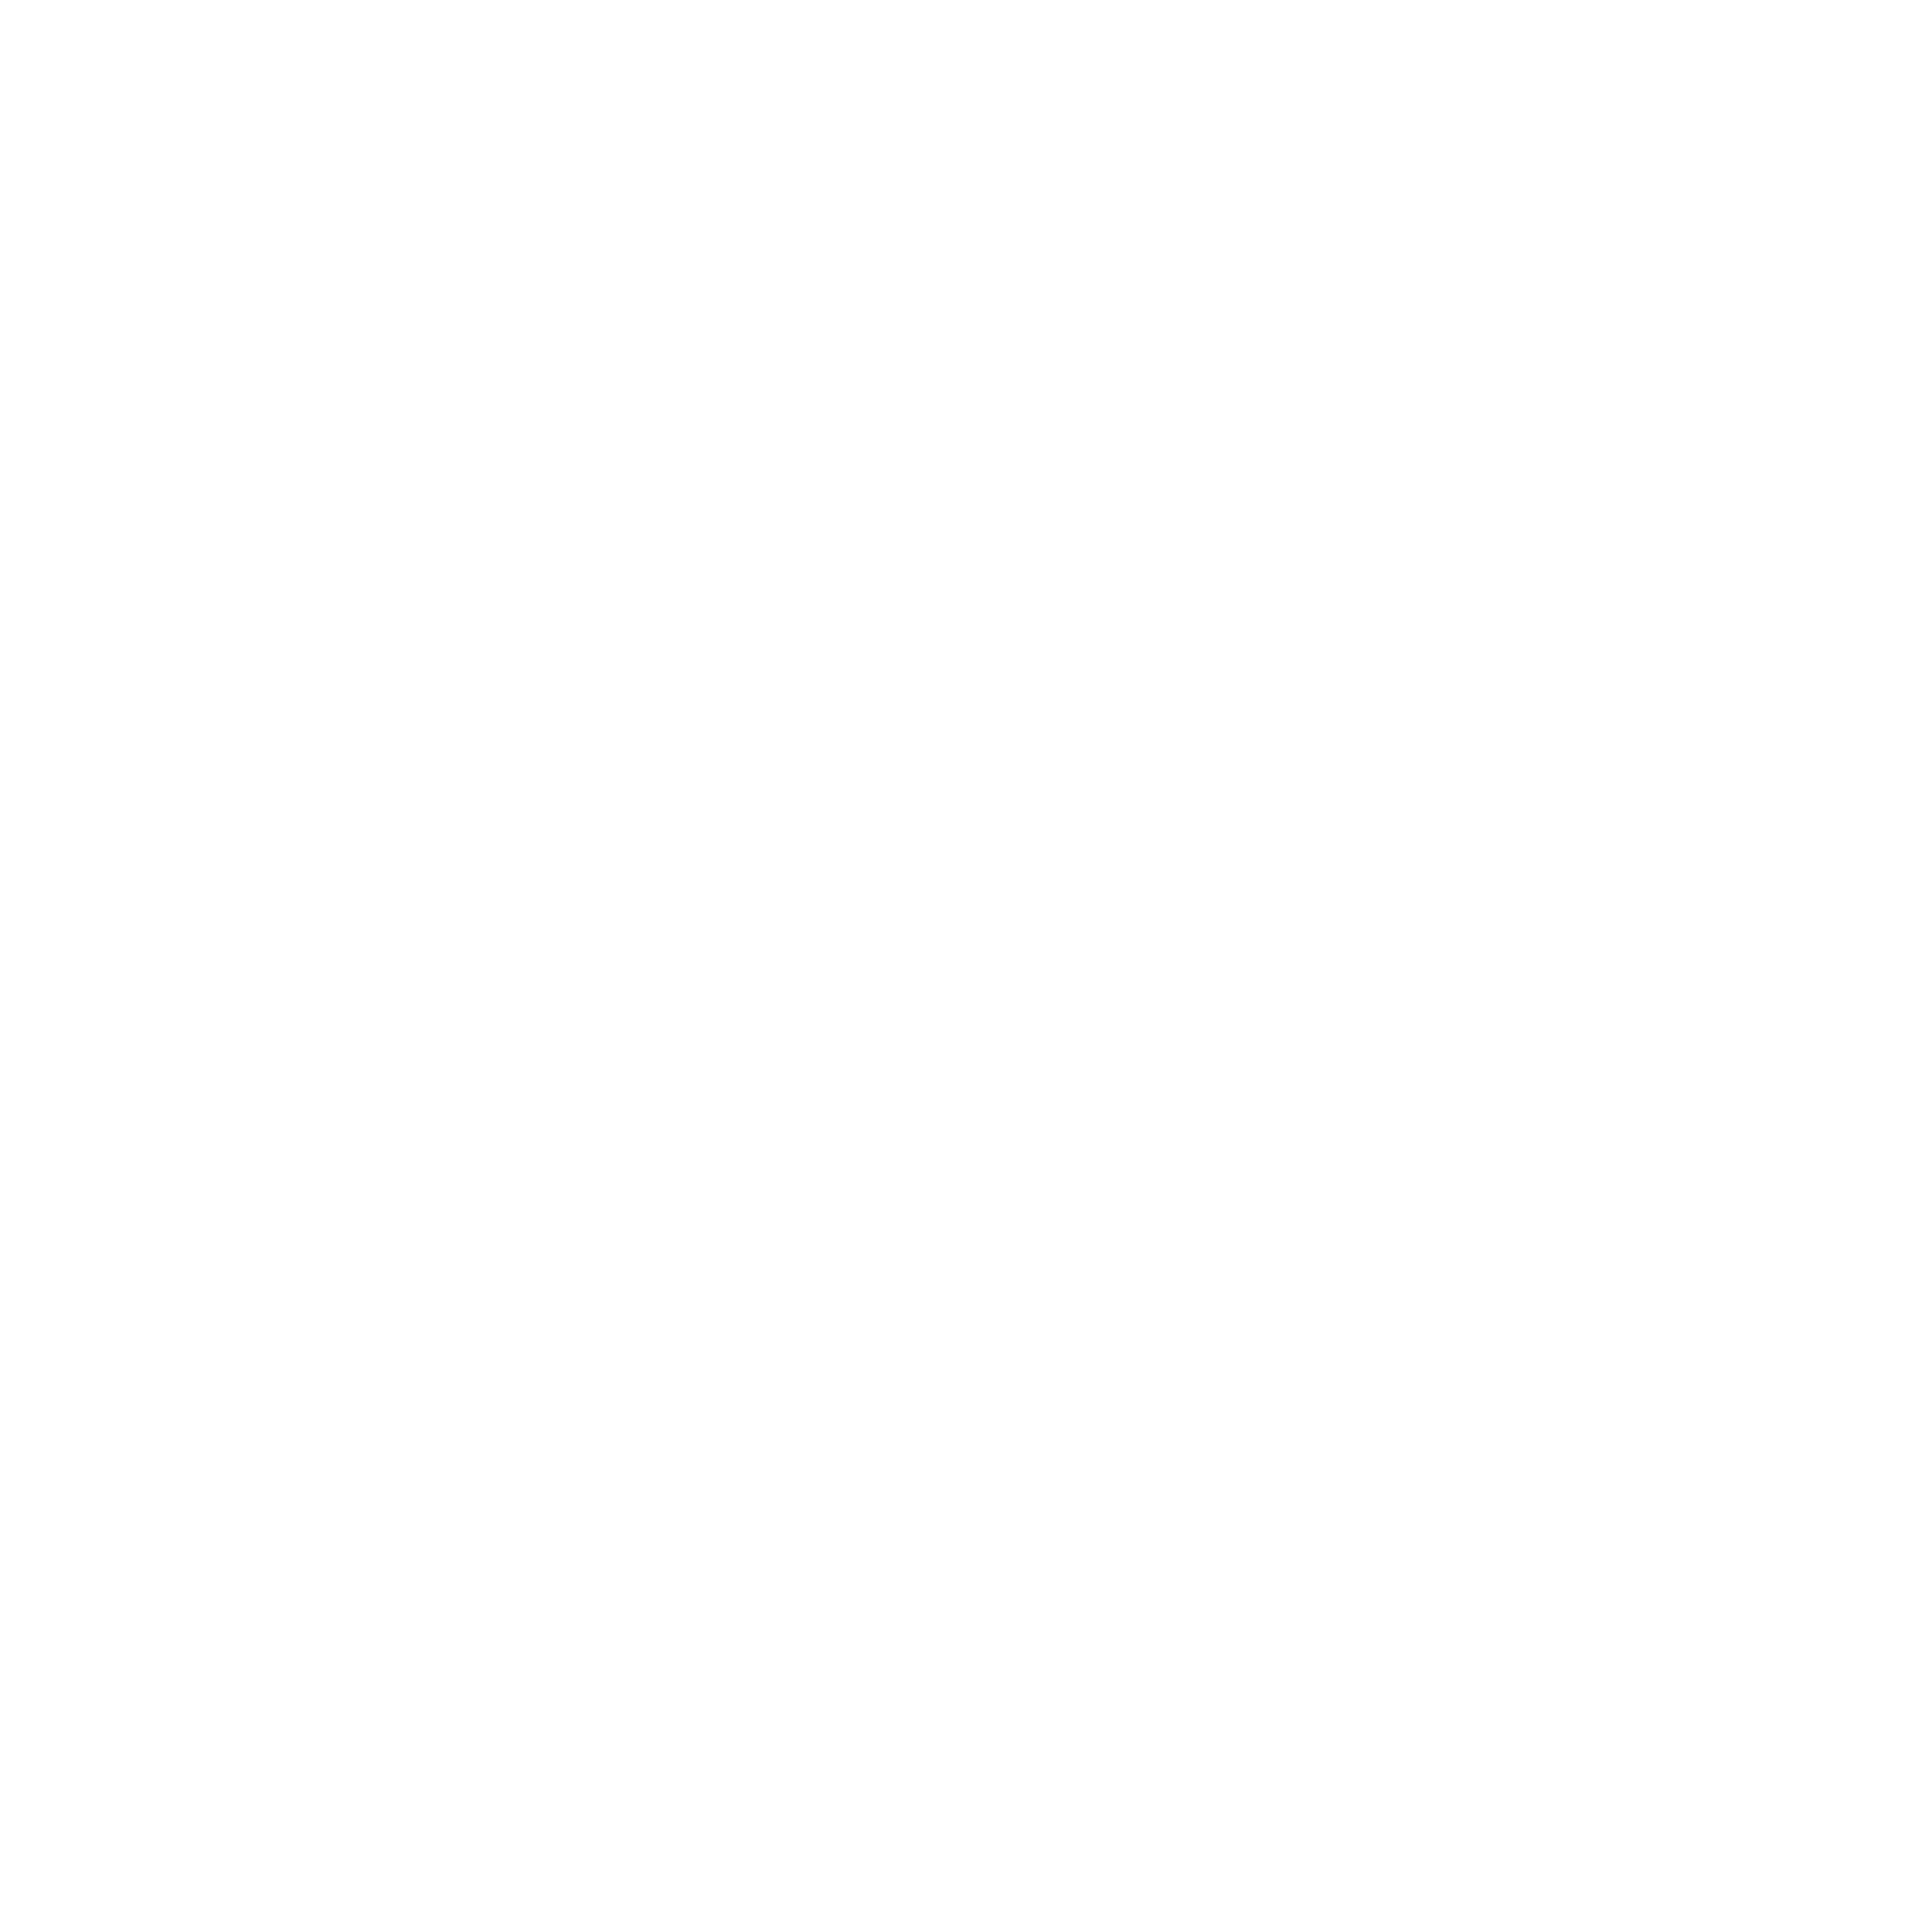 lifewings.org